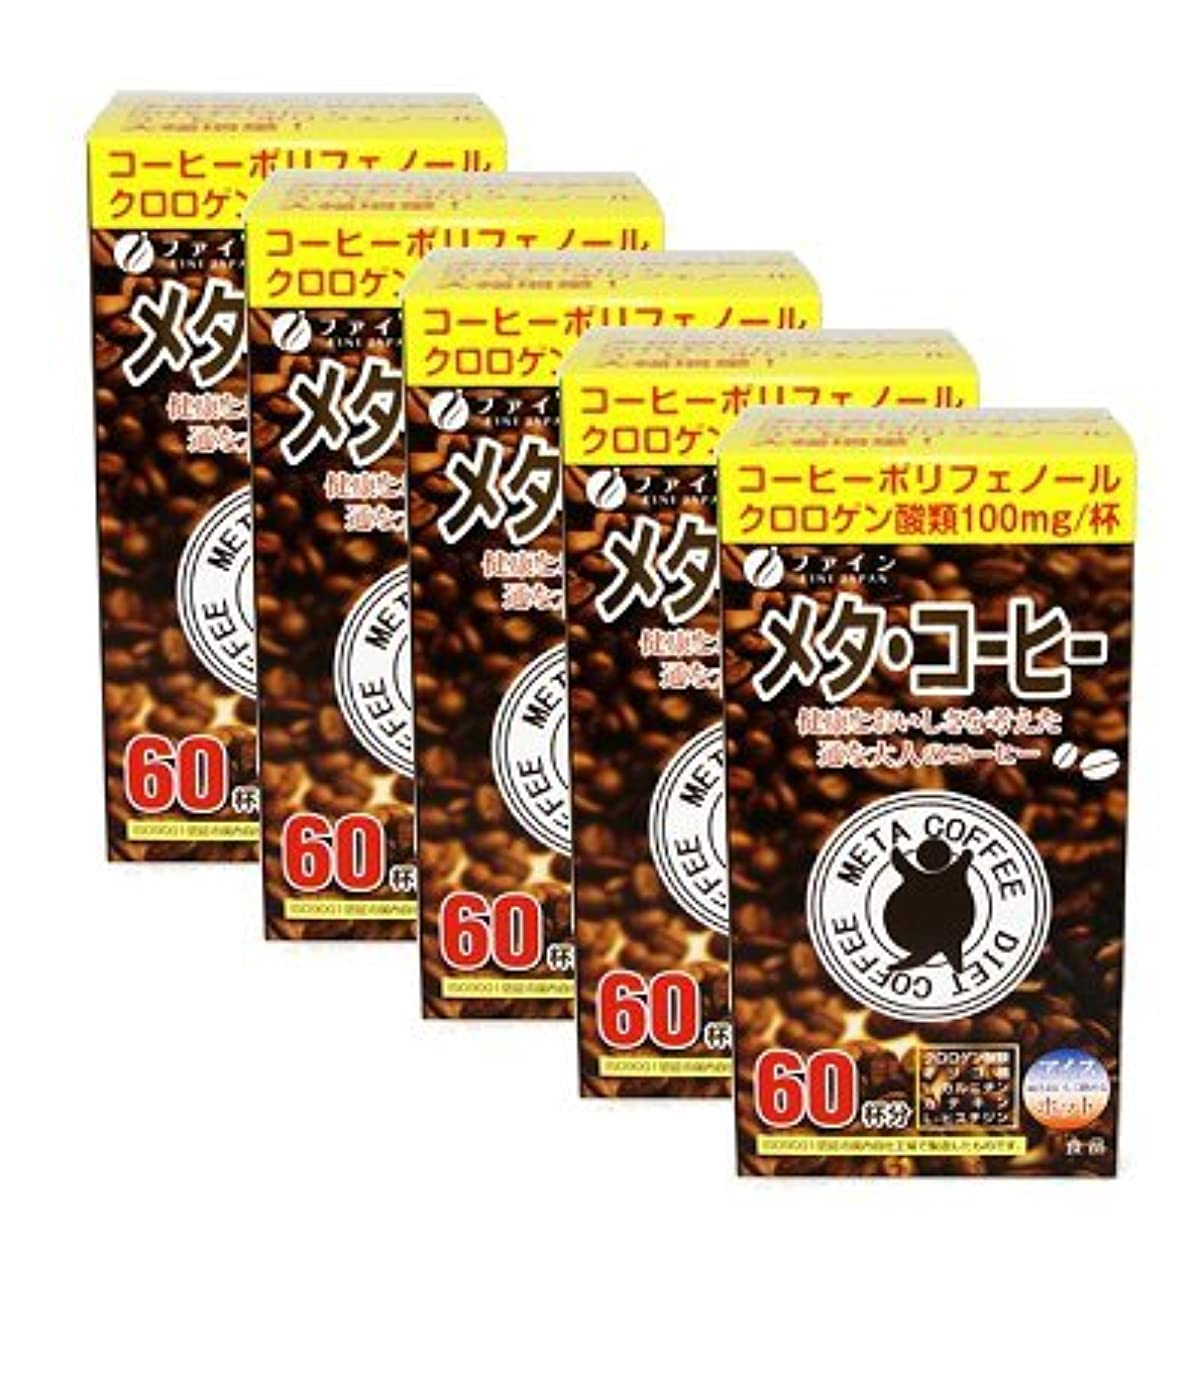 たっぷり無効偽物ファイン 美味しいメタ?コーヒー Slim&Diet(スリム&ダイエット) 60包 (#456835)